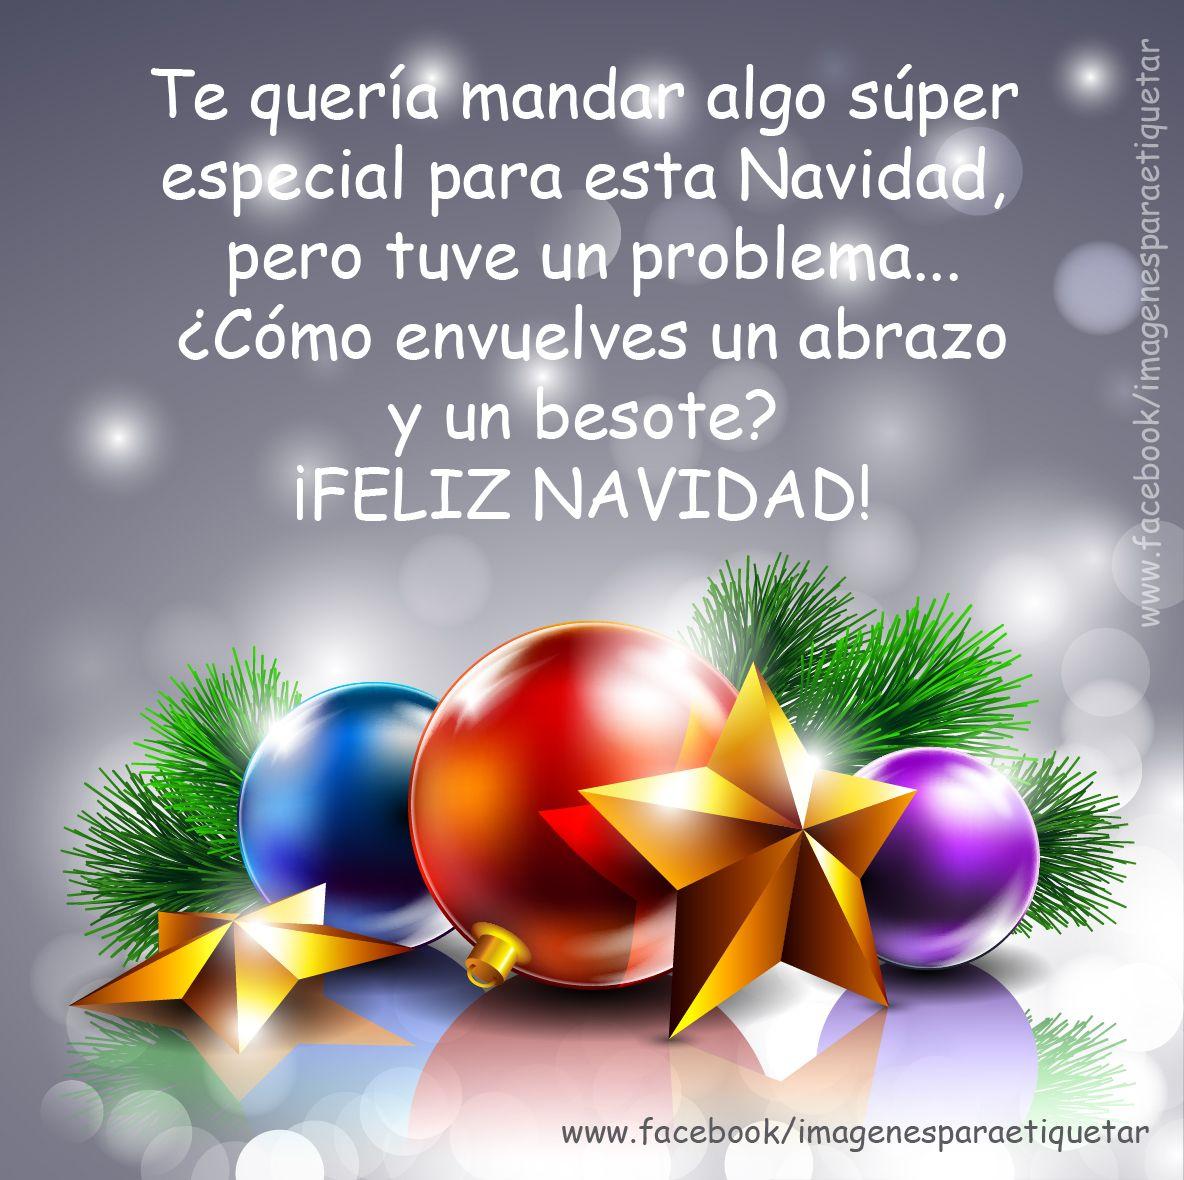 Cover De Navidad Deseando Feliz Navidad Y Una Imagen De Fondo